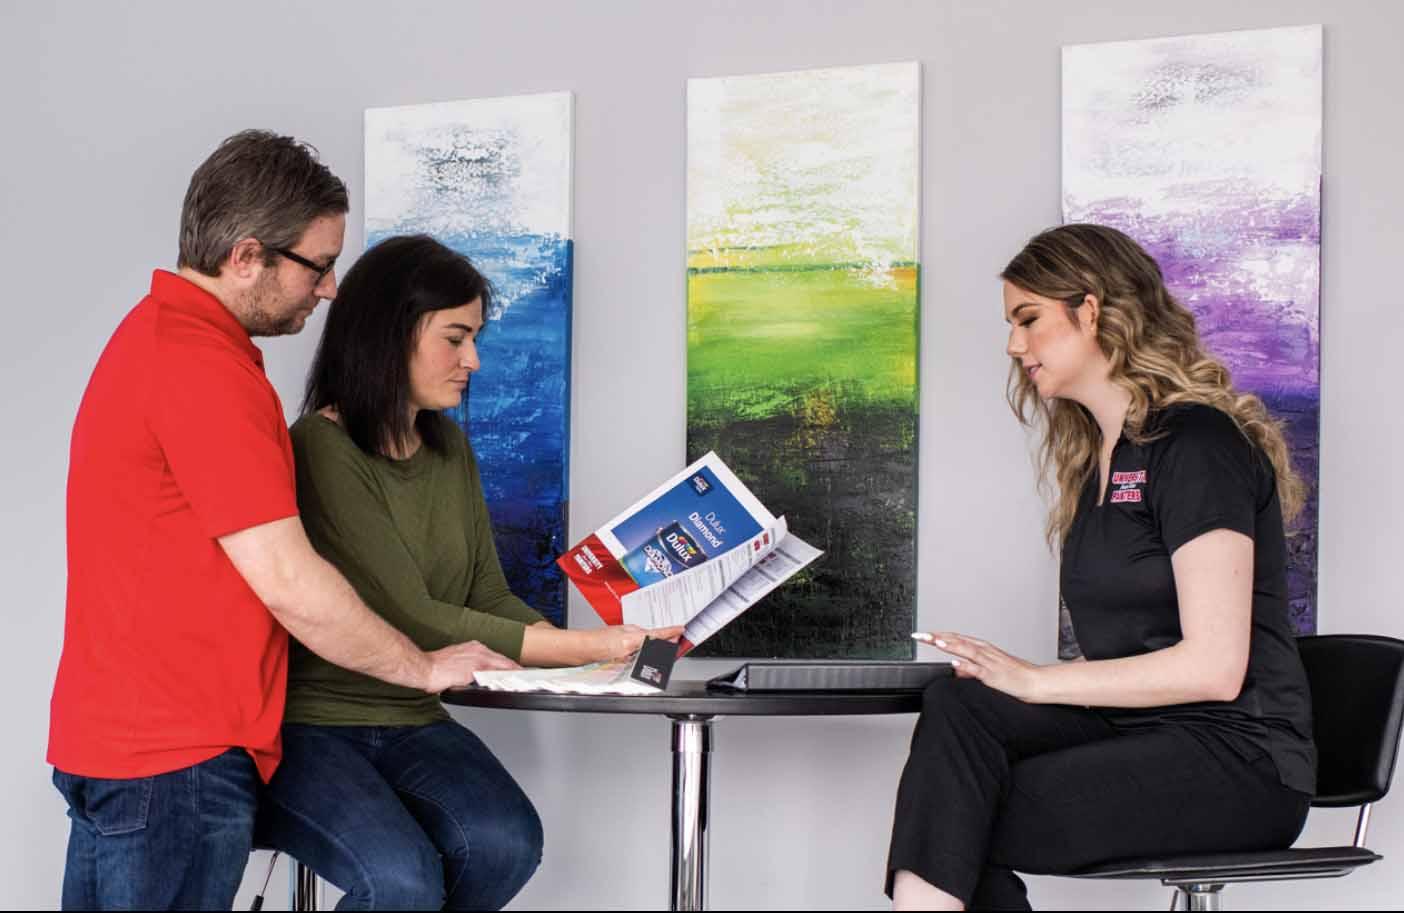 painter services decision process consultation